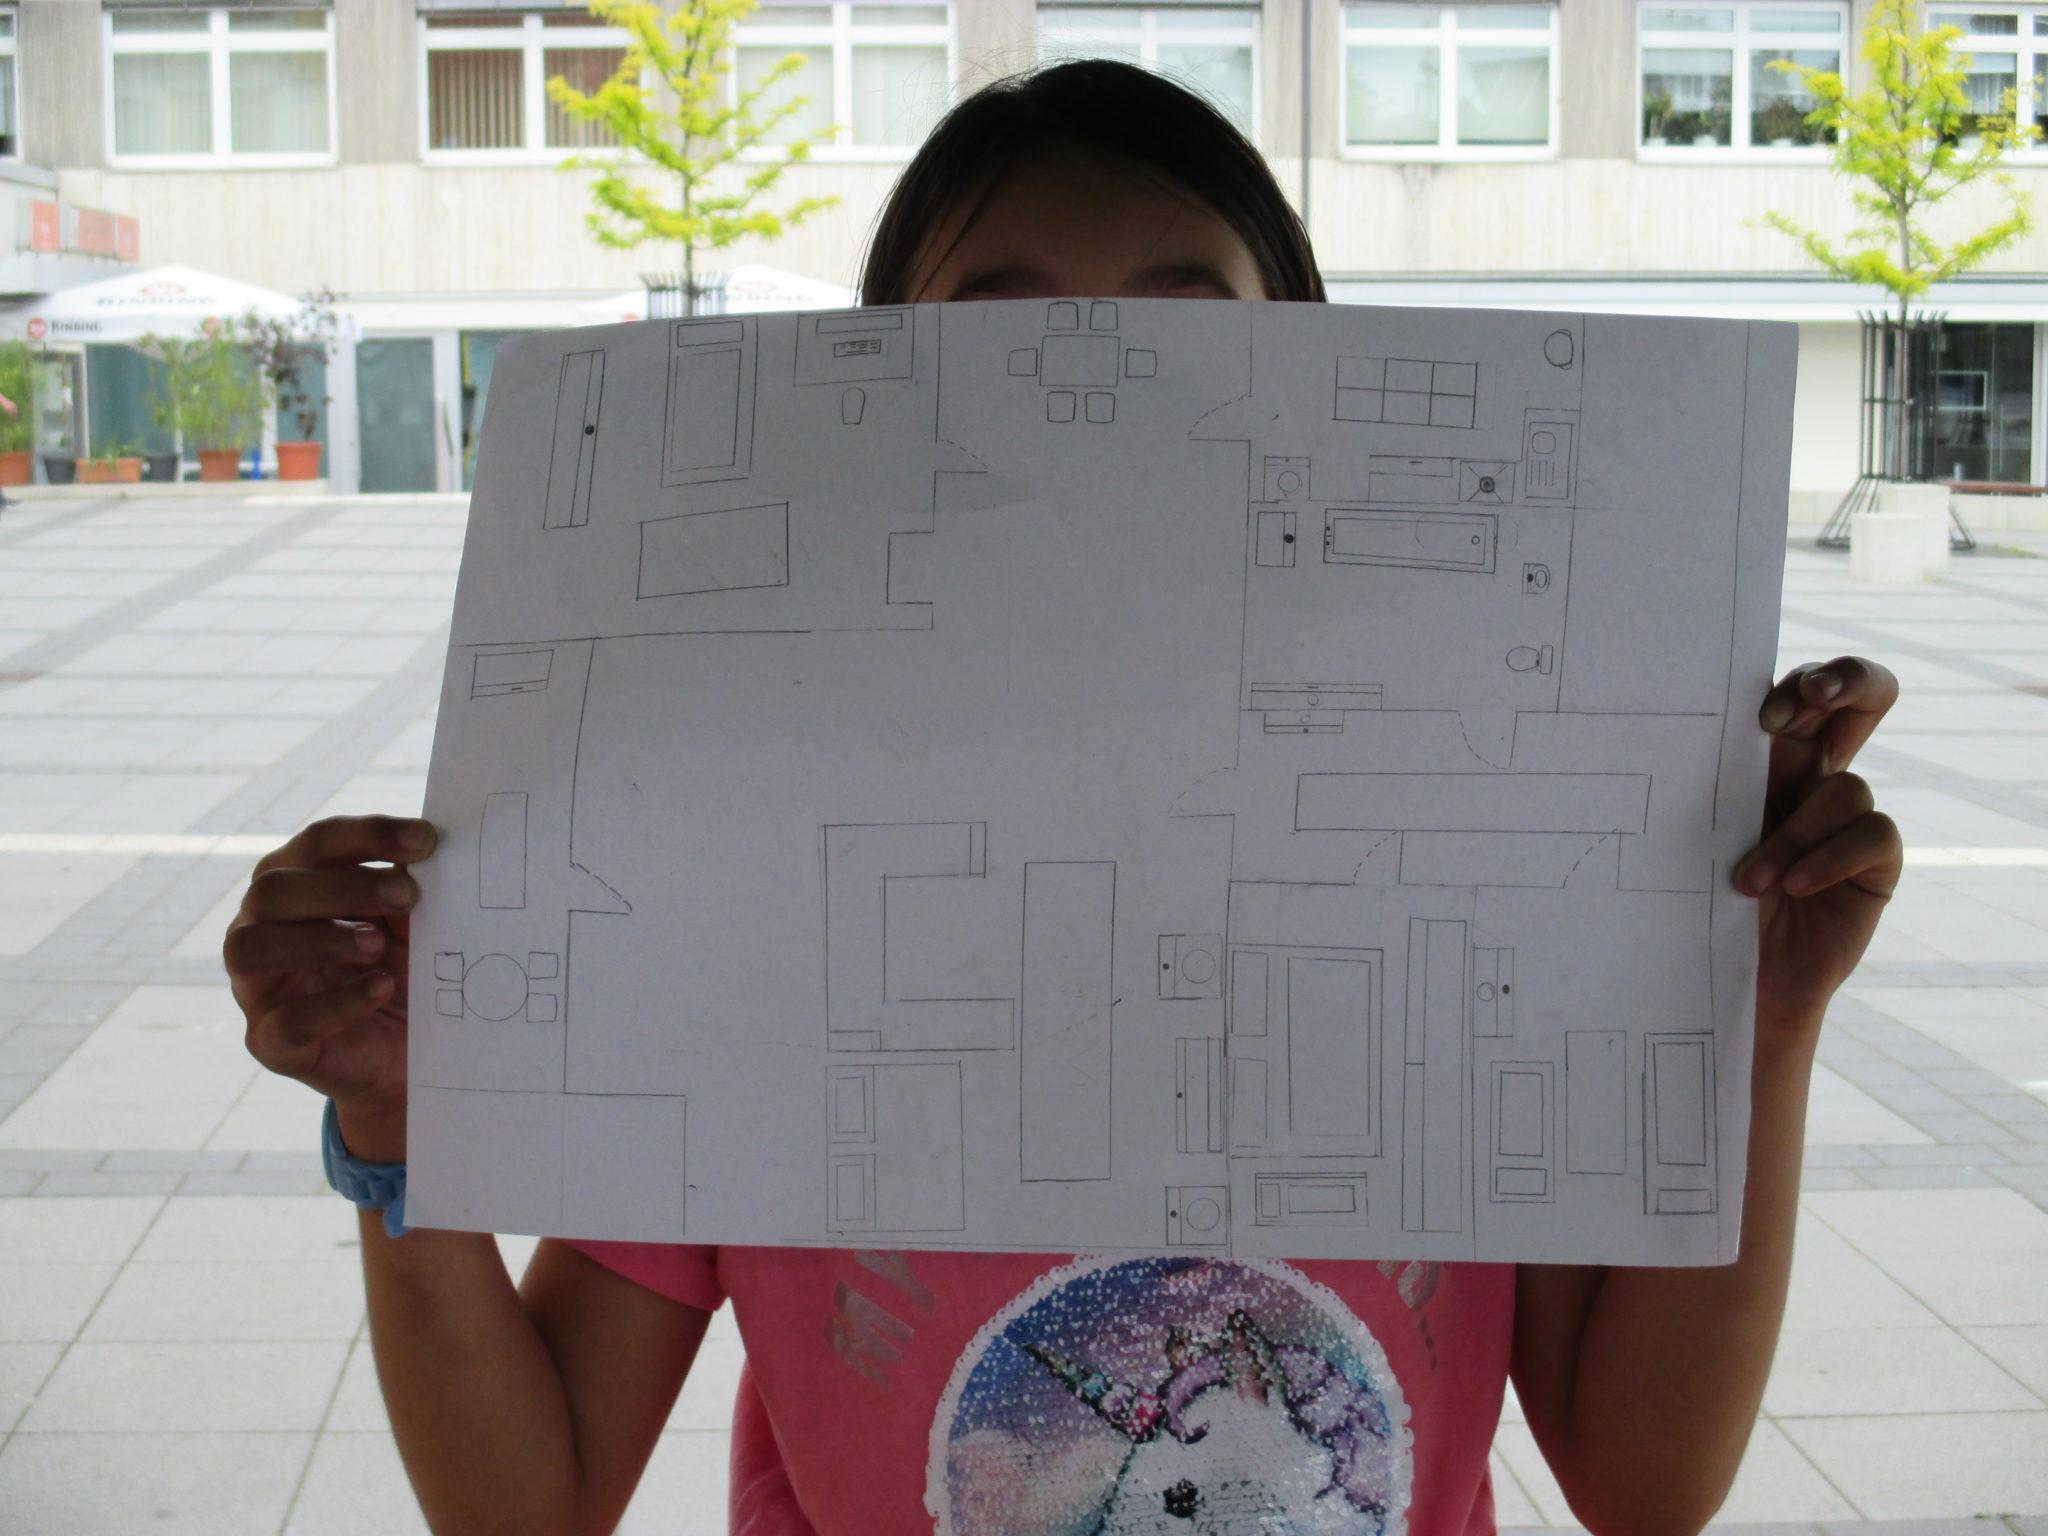 Grundrisszeichnung einer Teilnehmerin